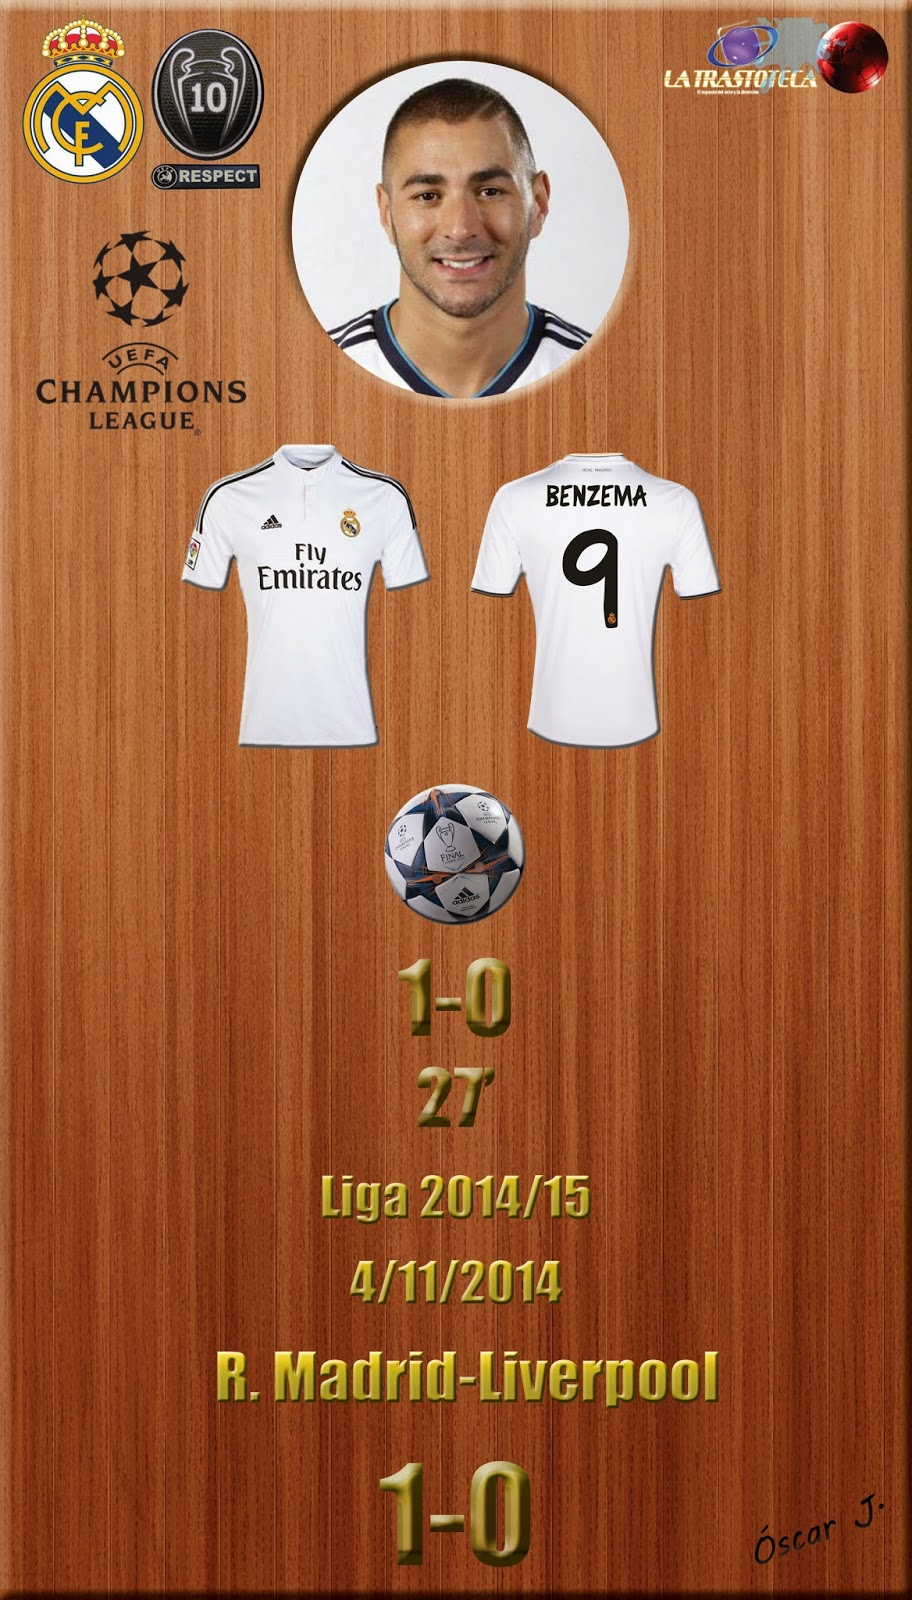 Real Madrid 1-0 Liverpool.